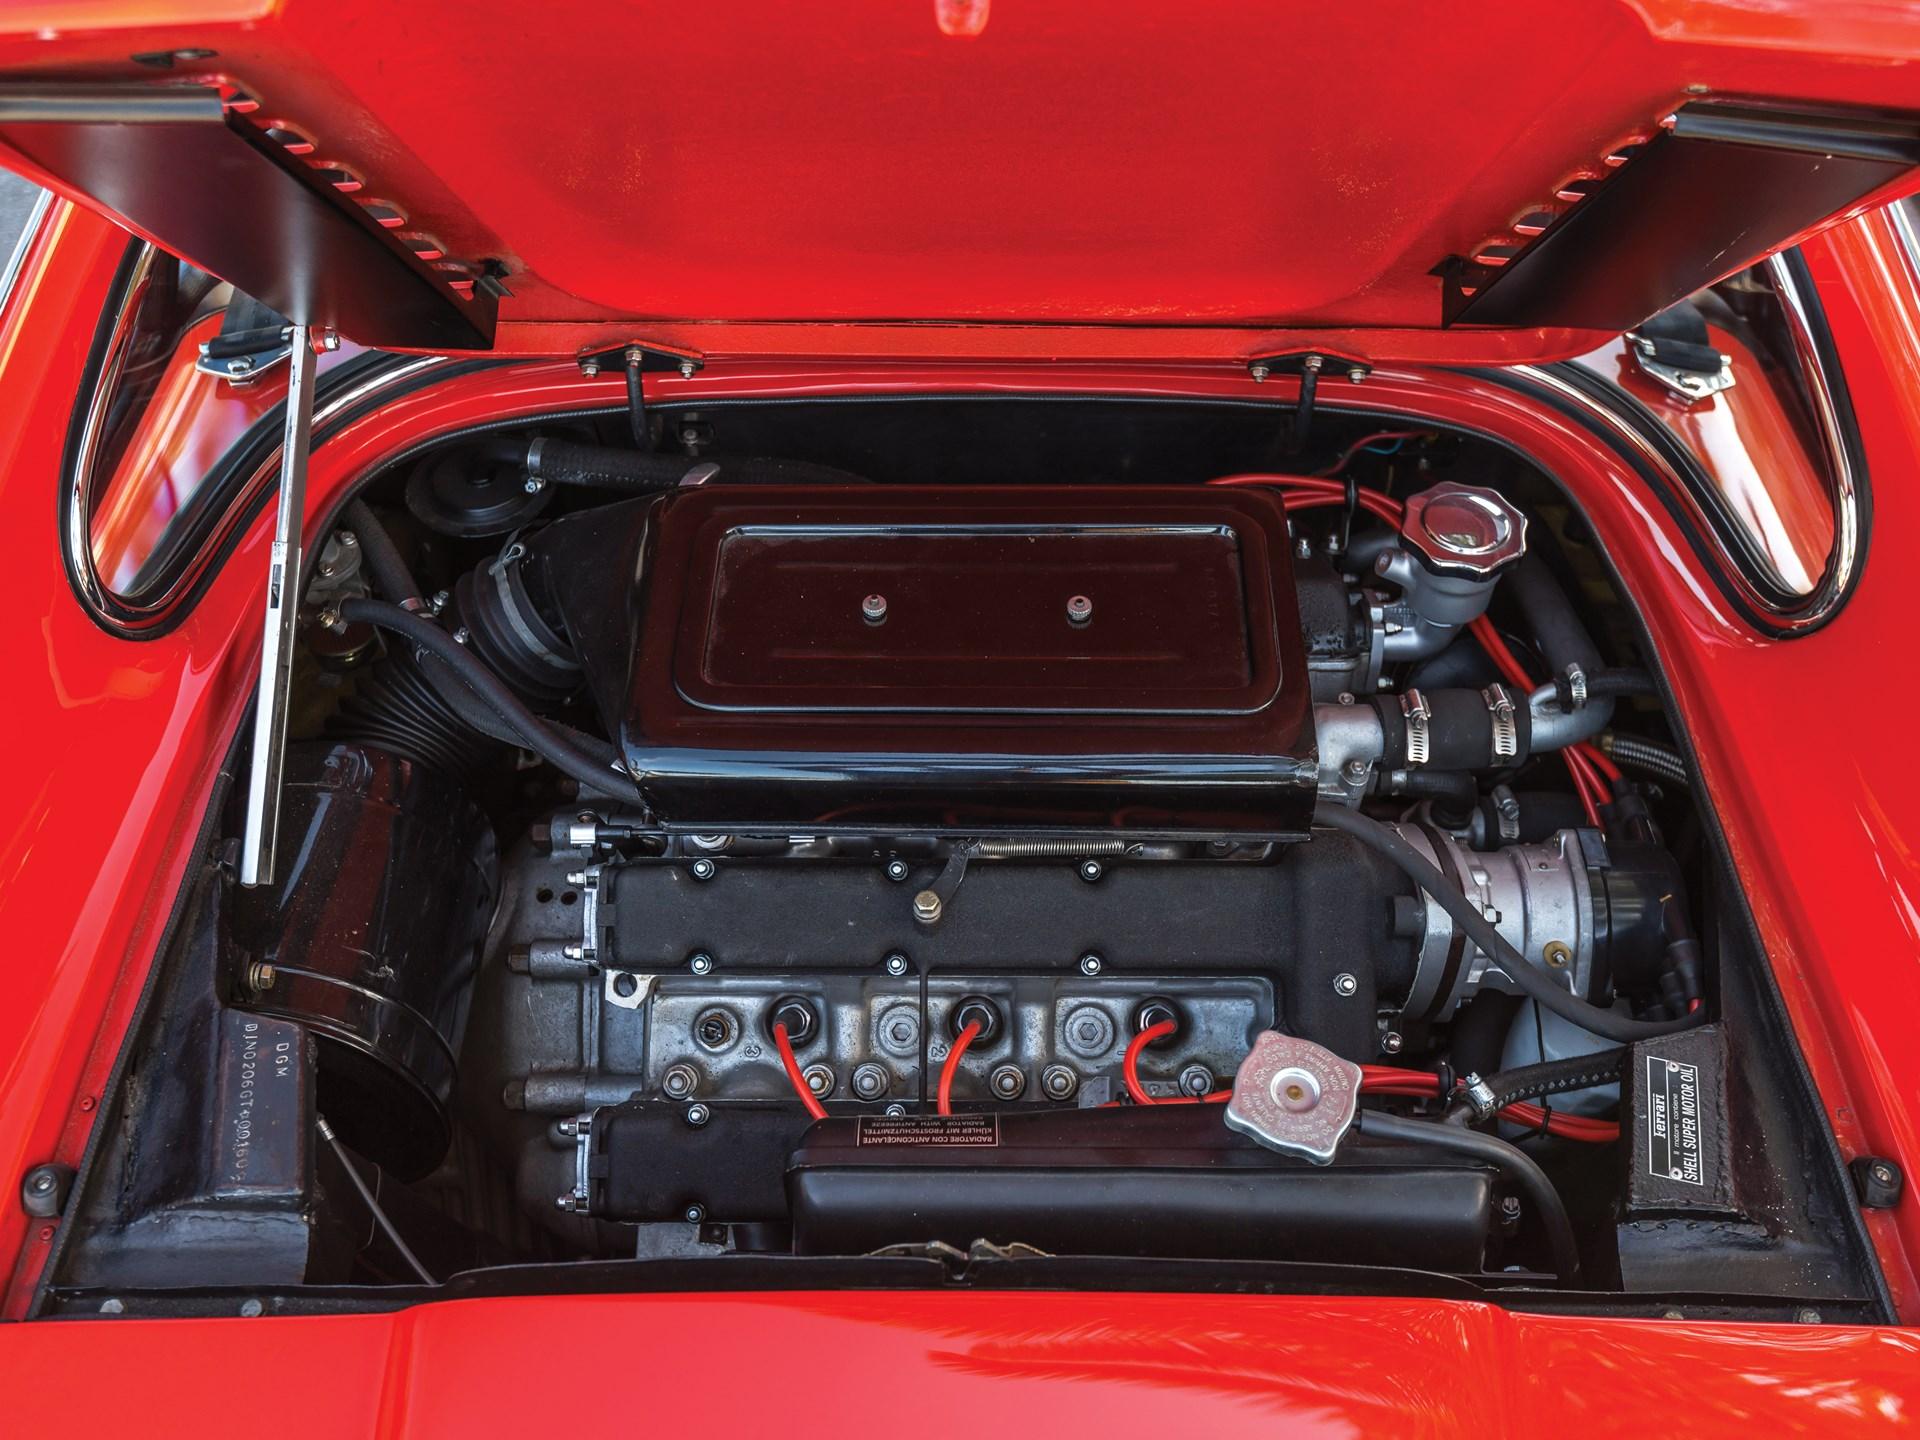 1968 Ferrari Dino 206 GT by Scaglietti